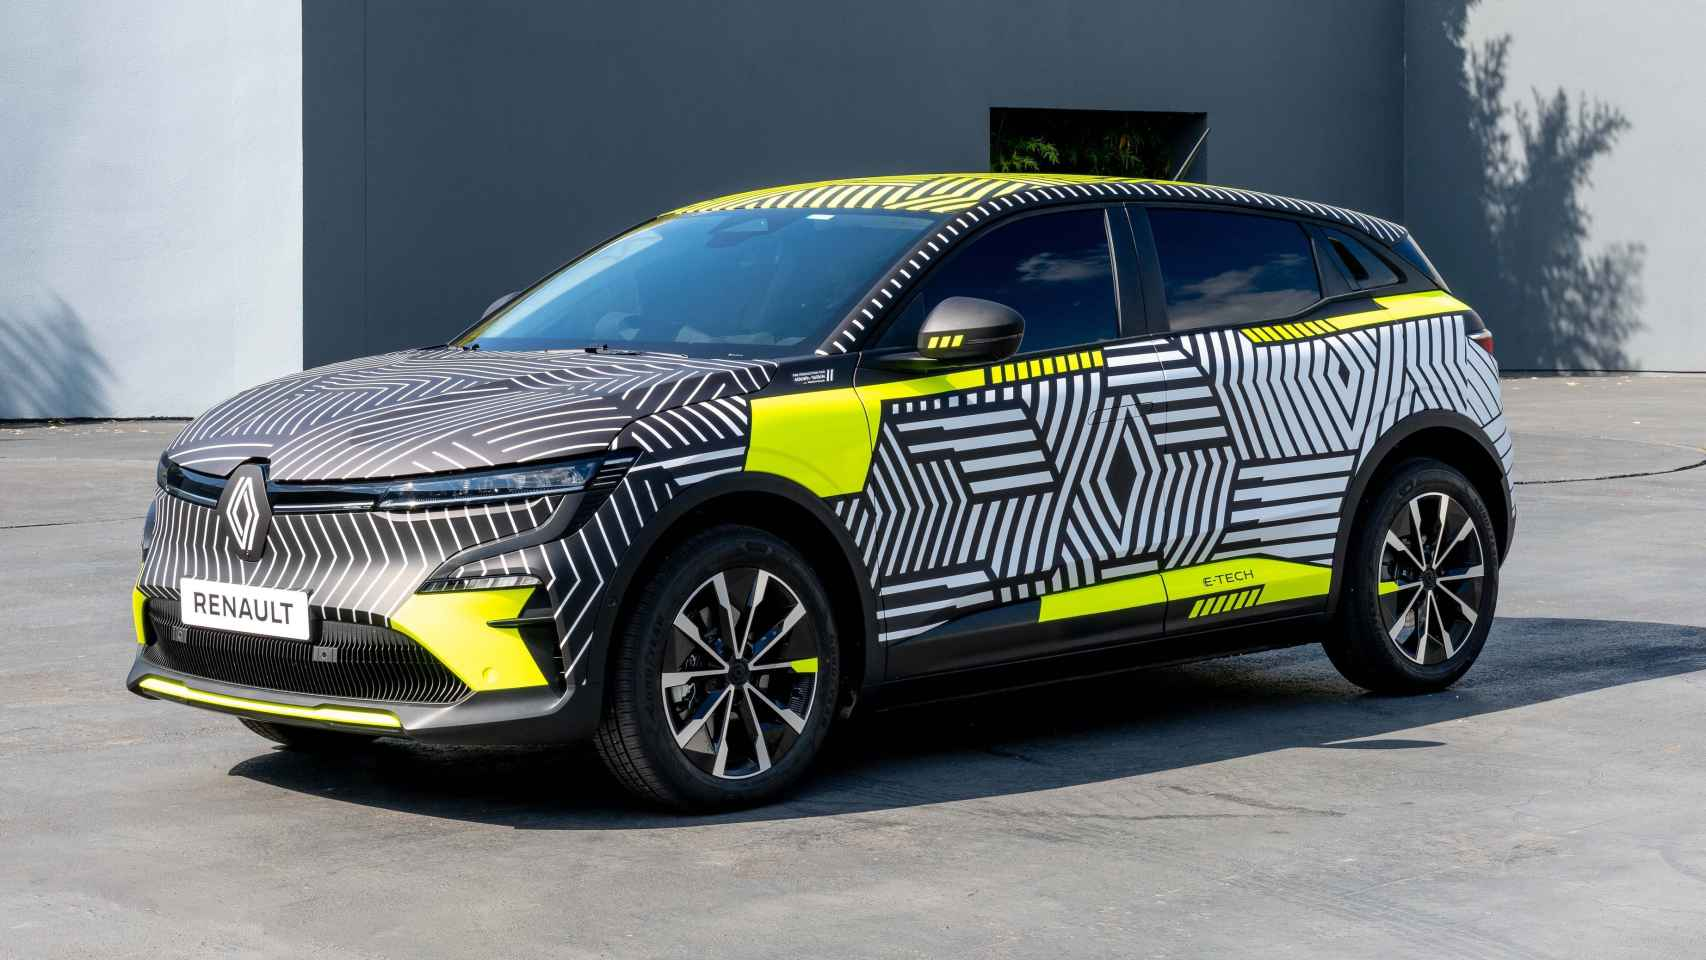 El nuevo Renault Mégane solo será eléctrico y tendrá 450 kilómetros de autonomía